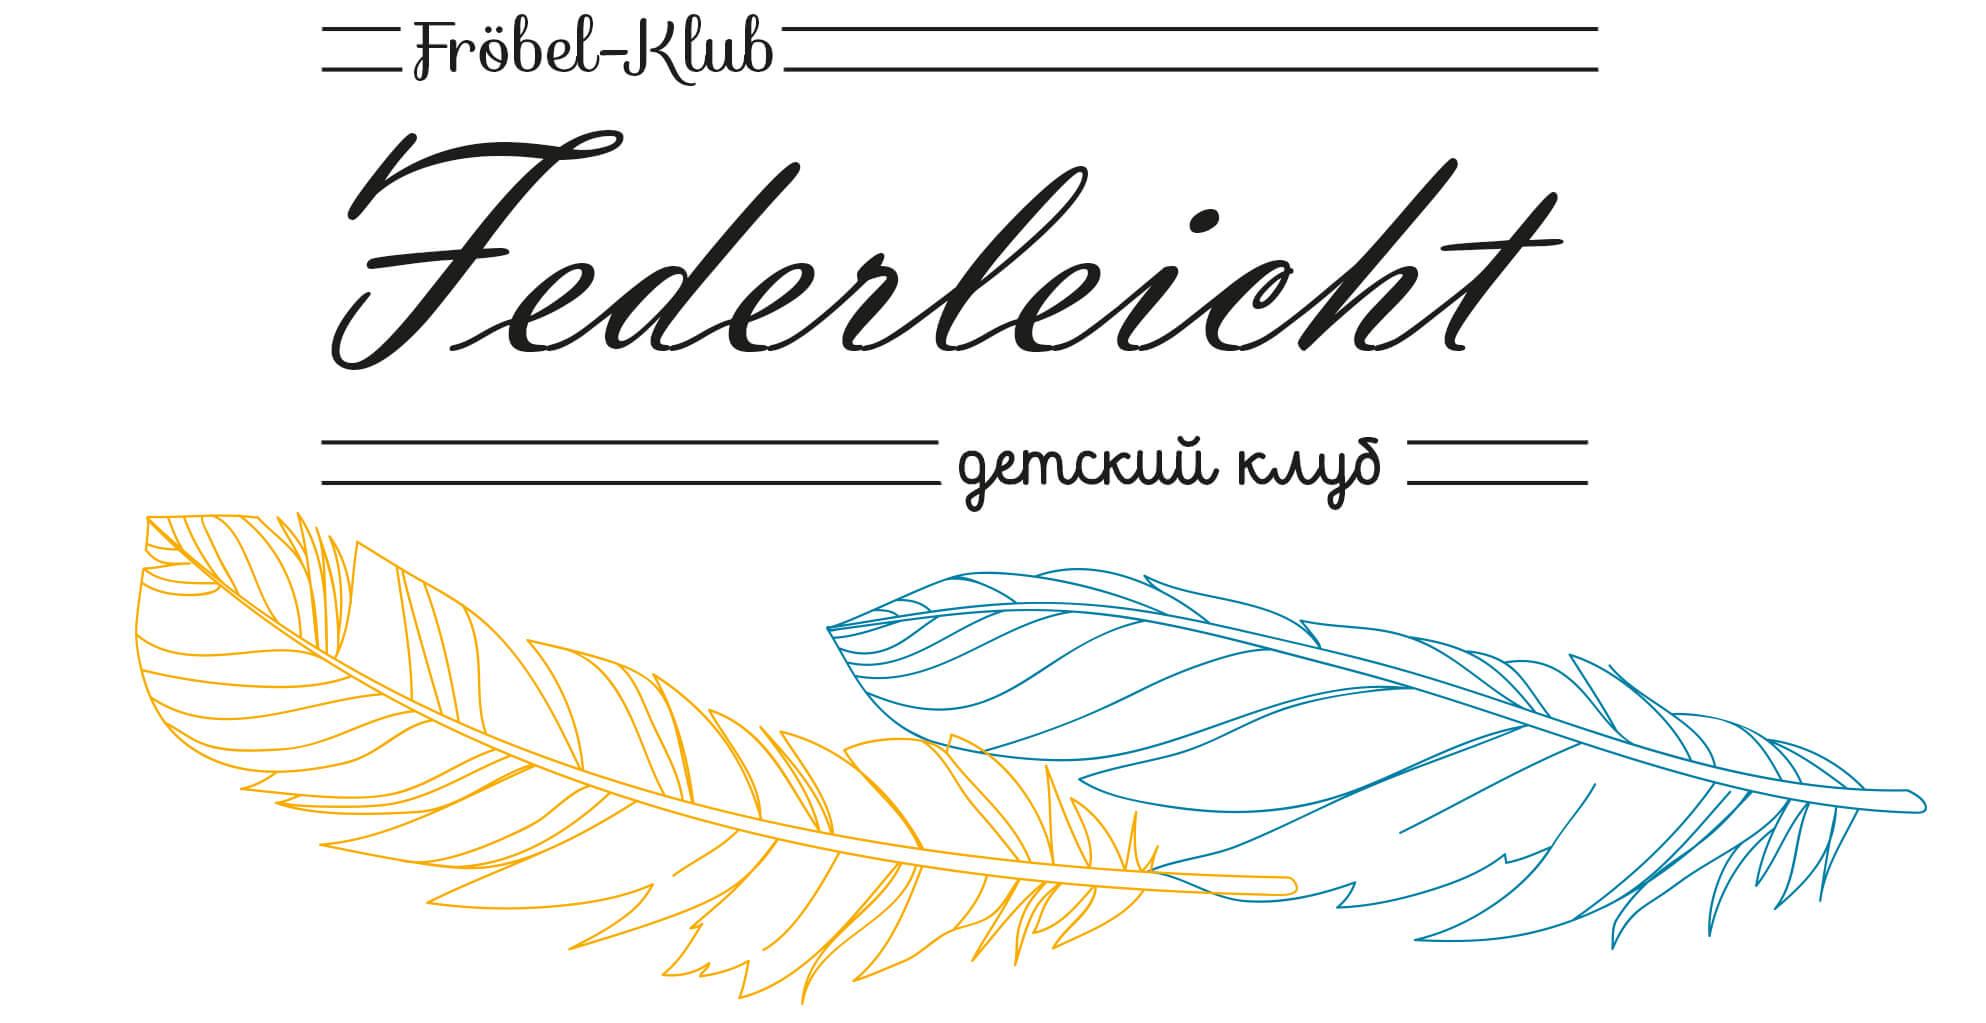 Детский Фрёбель-Клуб - Federleicht